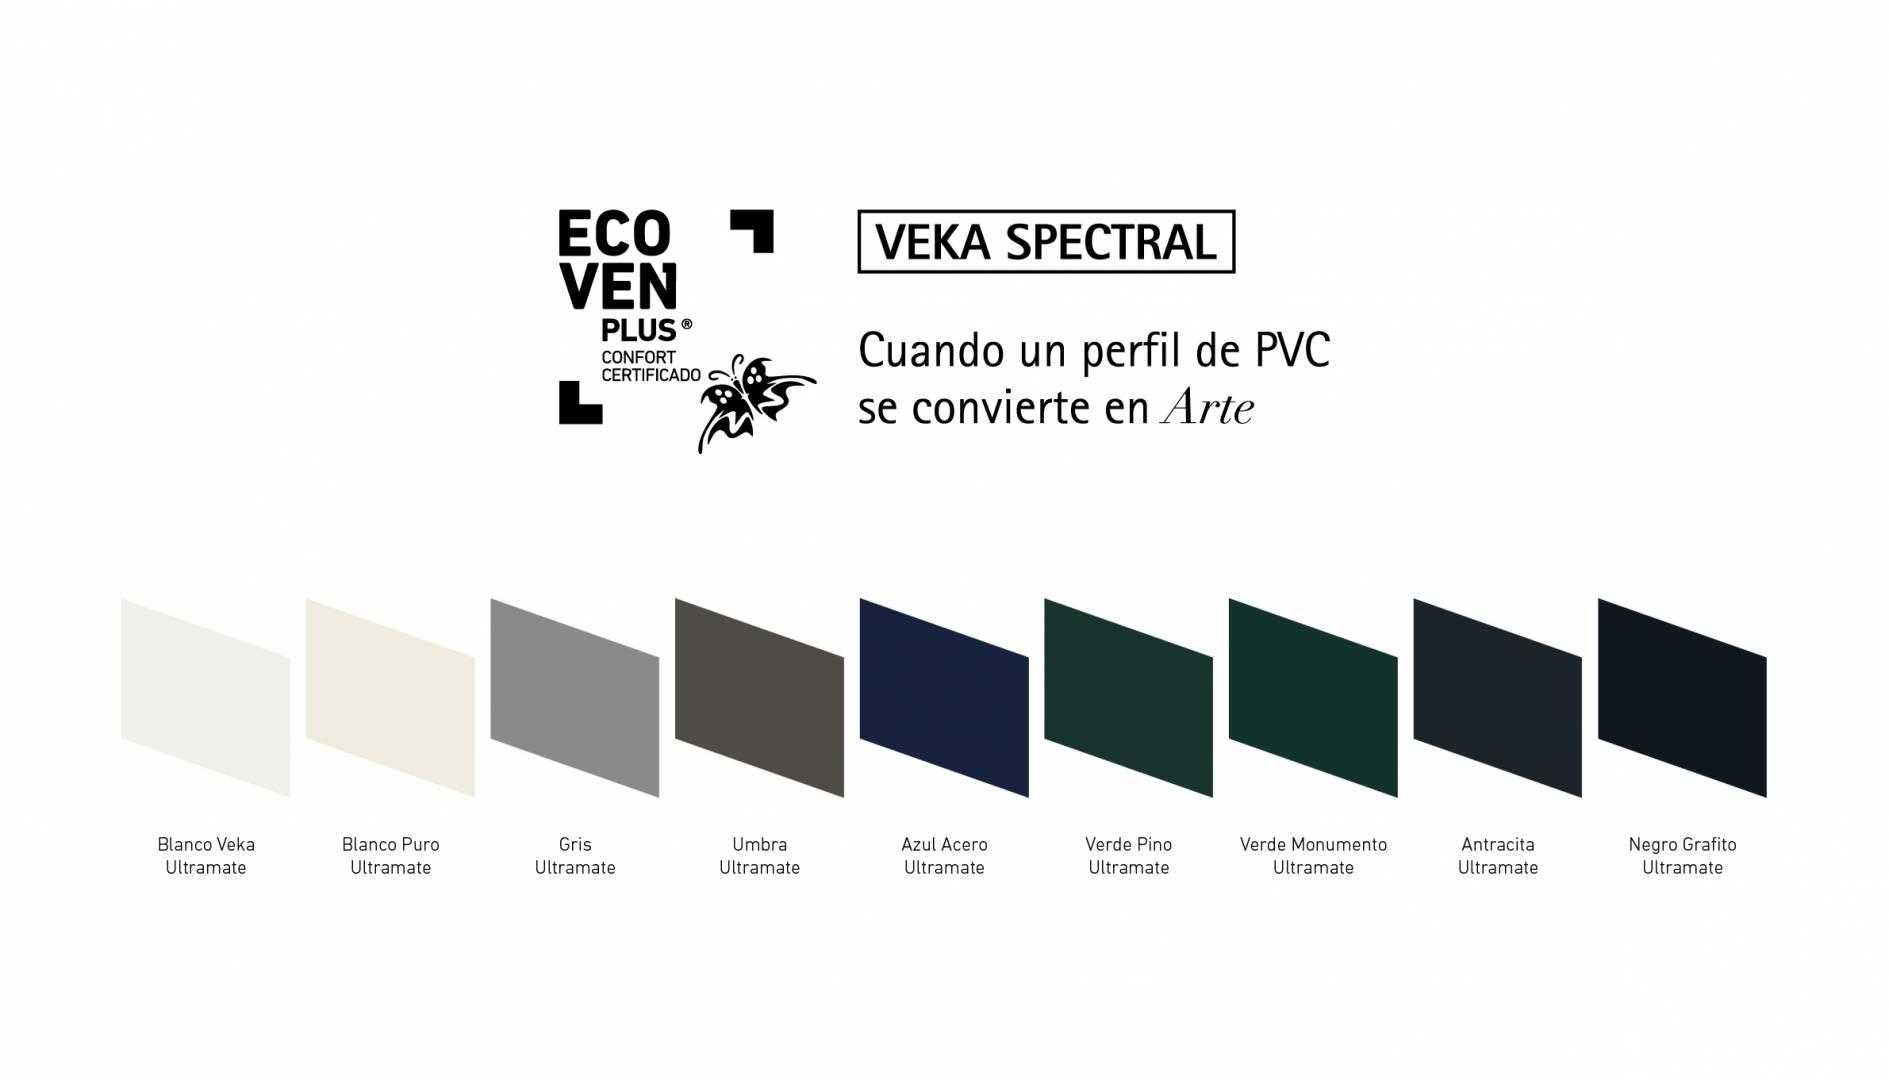 , SPECTRAL. CUANDO UNA VENTANA DE PVC SE CONVIERTE EN ARTE